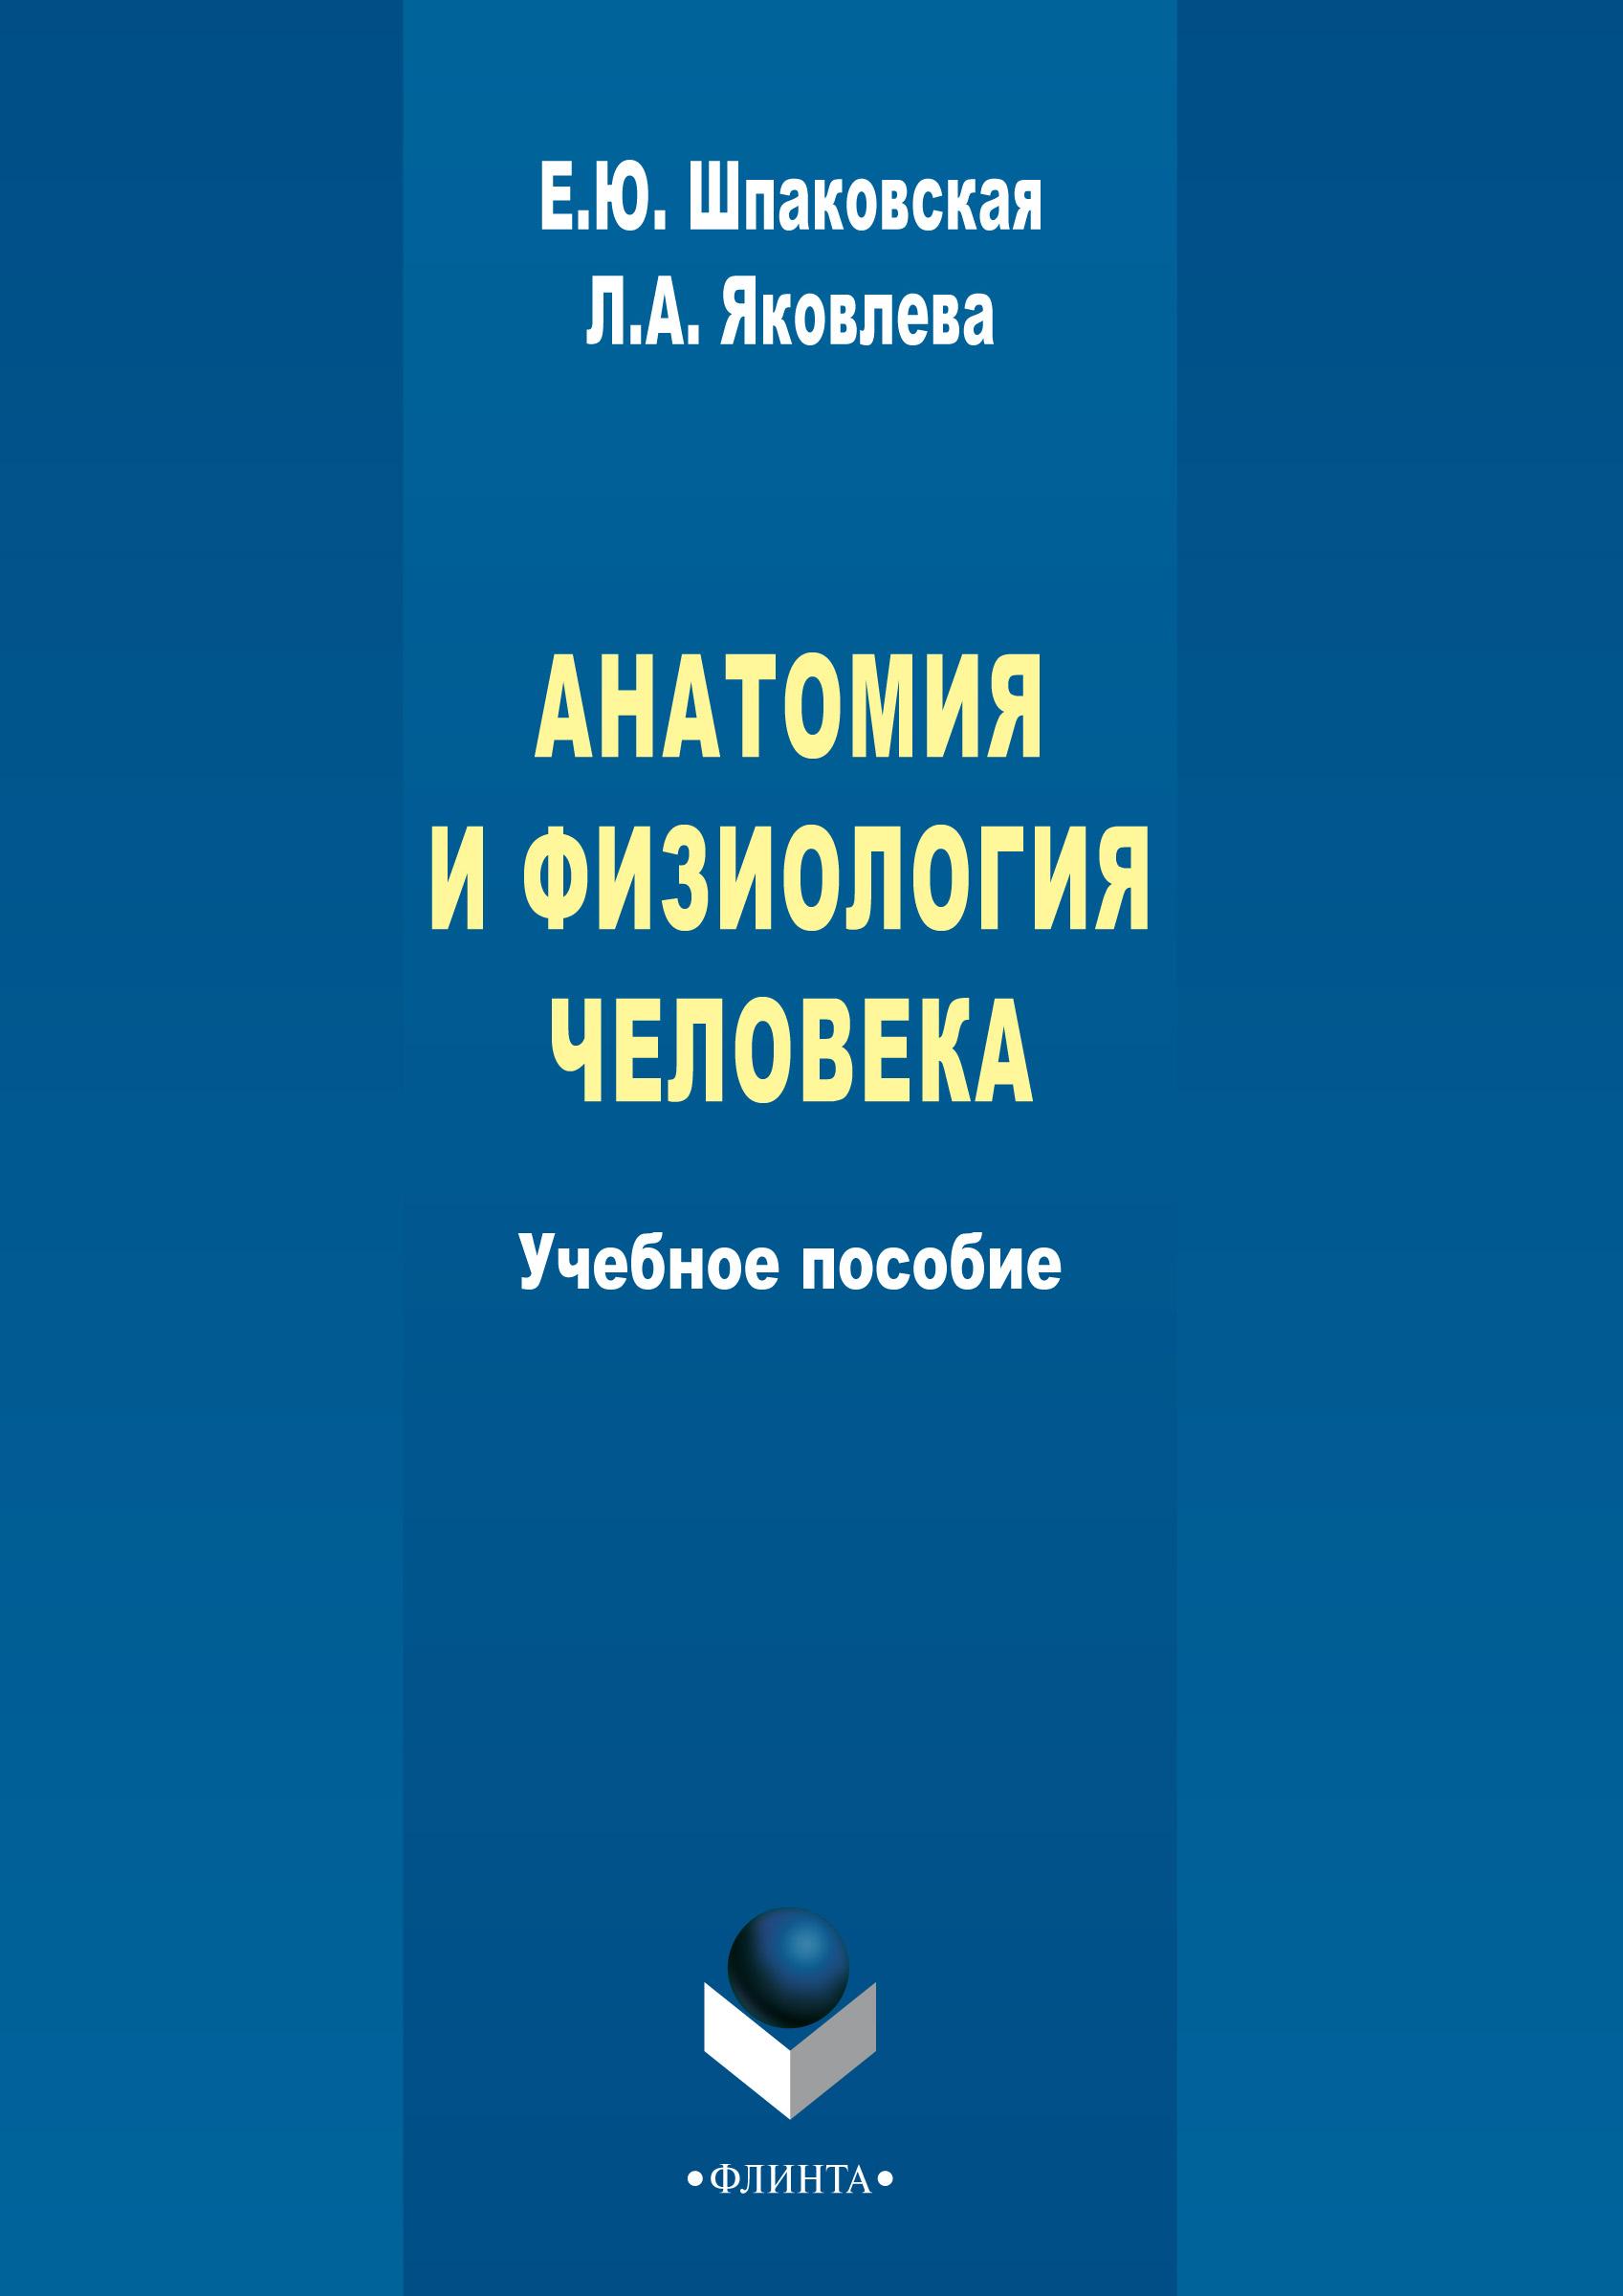 купить Л. А. Яковлева Анатомия и физиология человека недорого